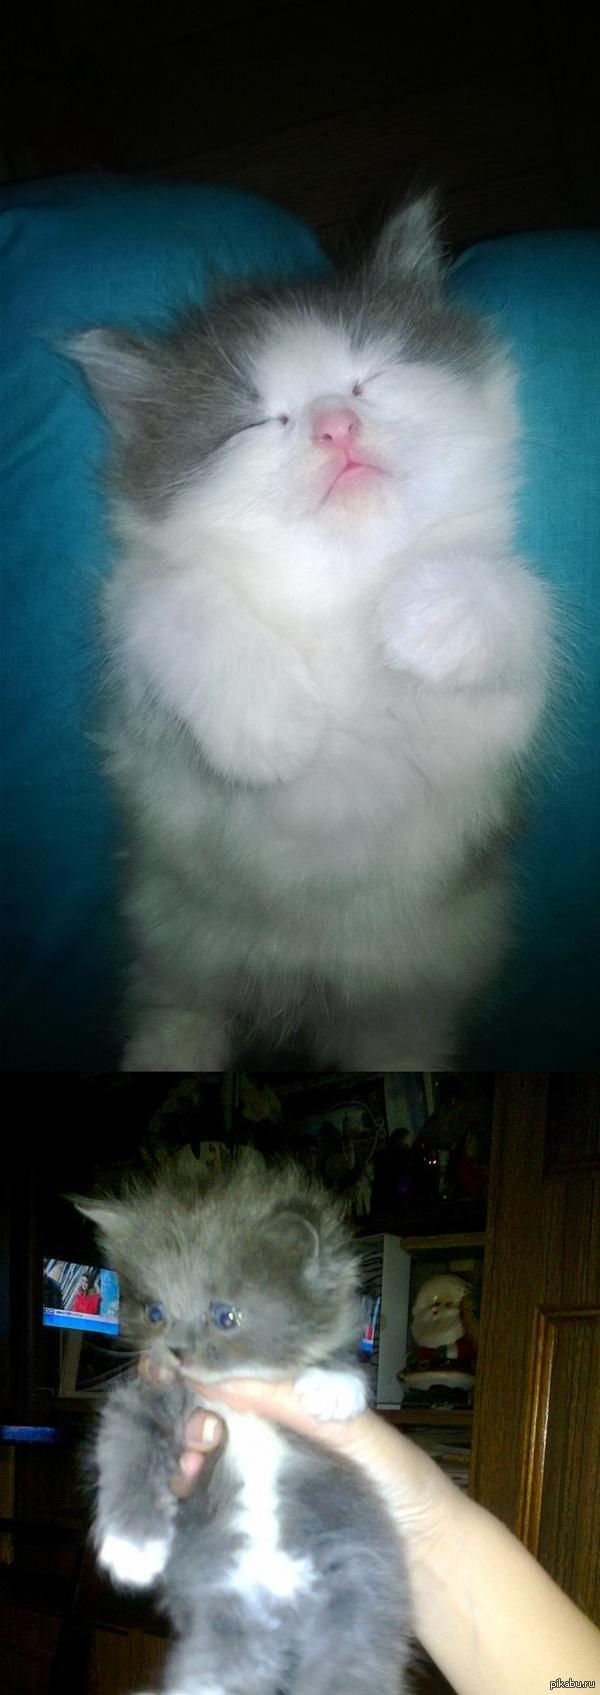 Комочки счастья Есть котята,некому содержать. Если не заберут хэппи энда не будет. Санкт-Петербург звонить 8911-225-69-29  Не топите